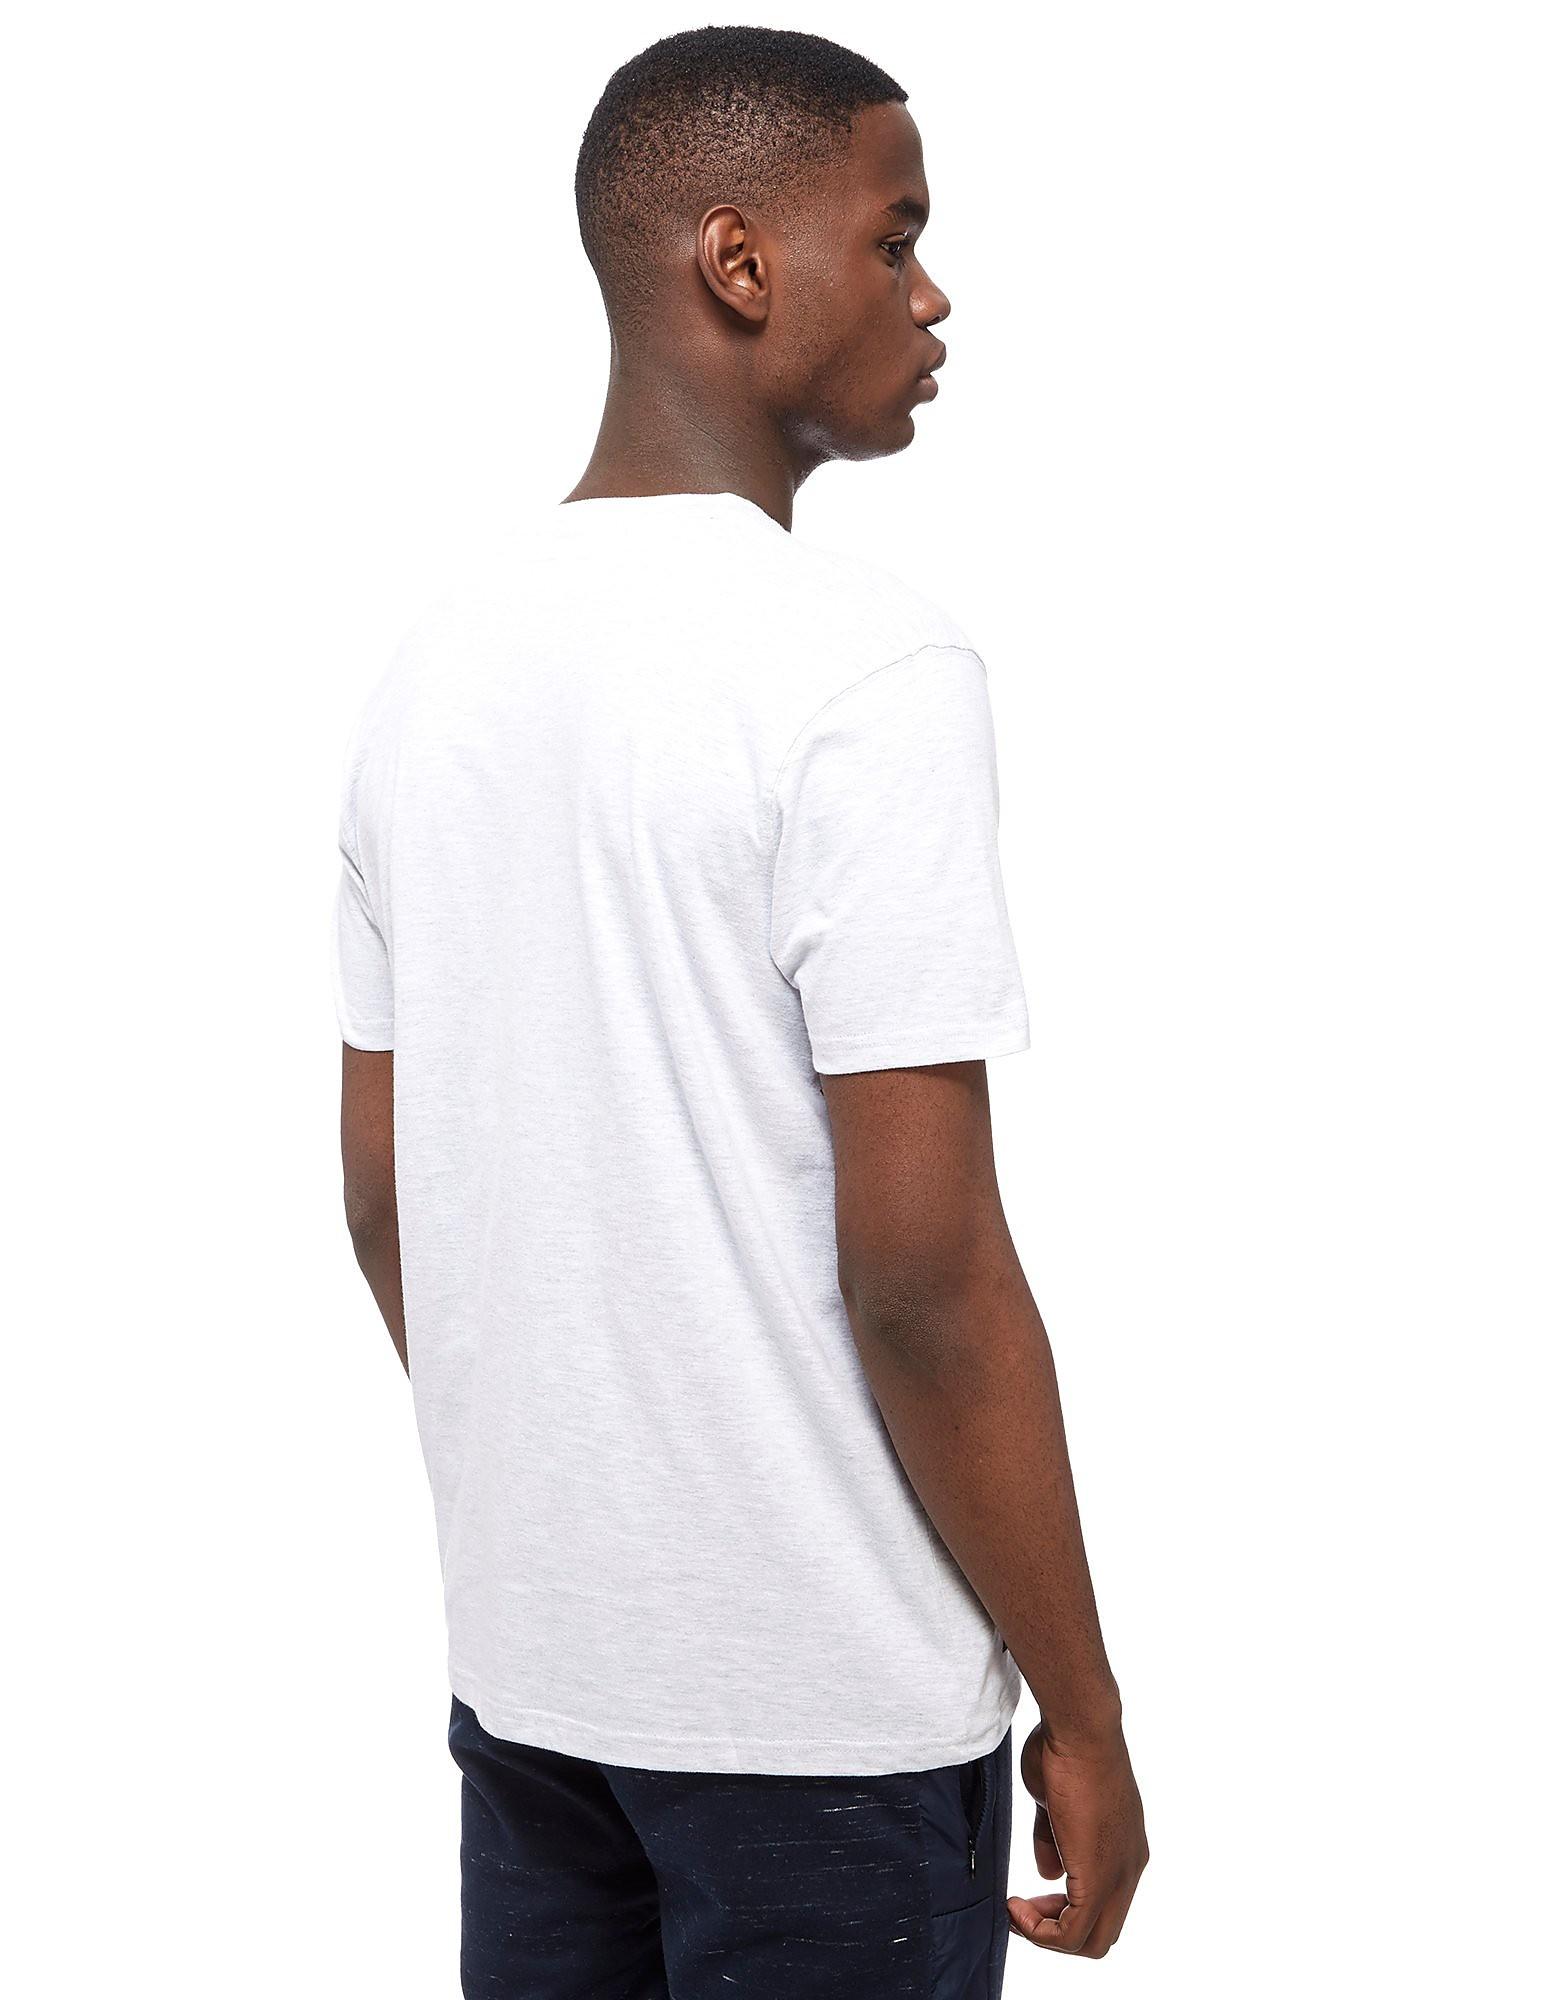 McKenzie Vulcan T-Shirt